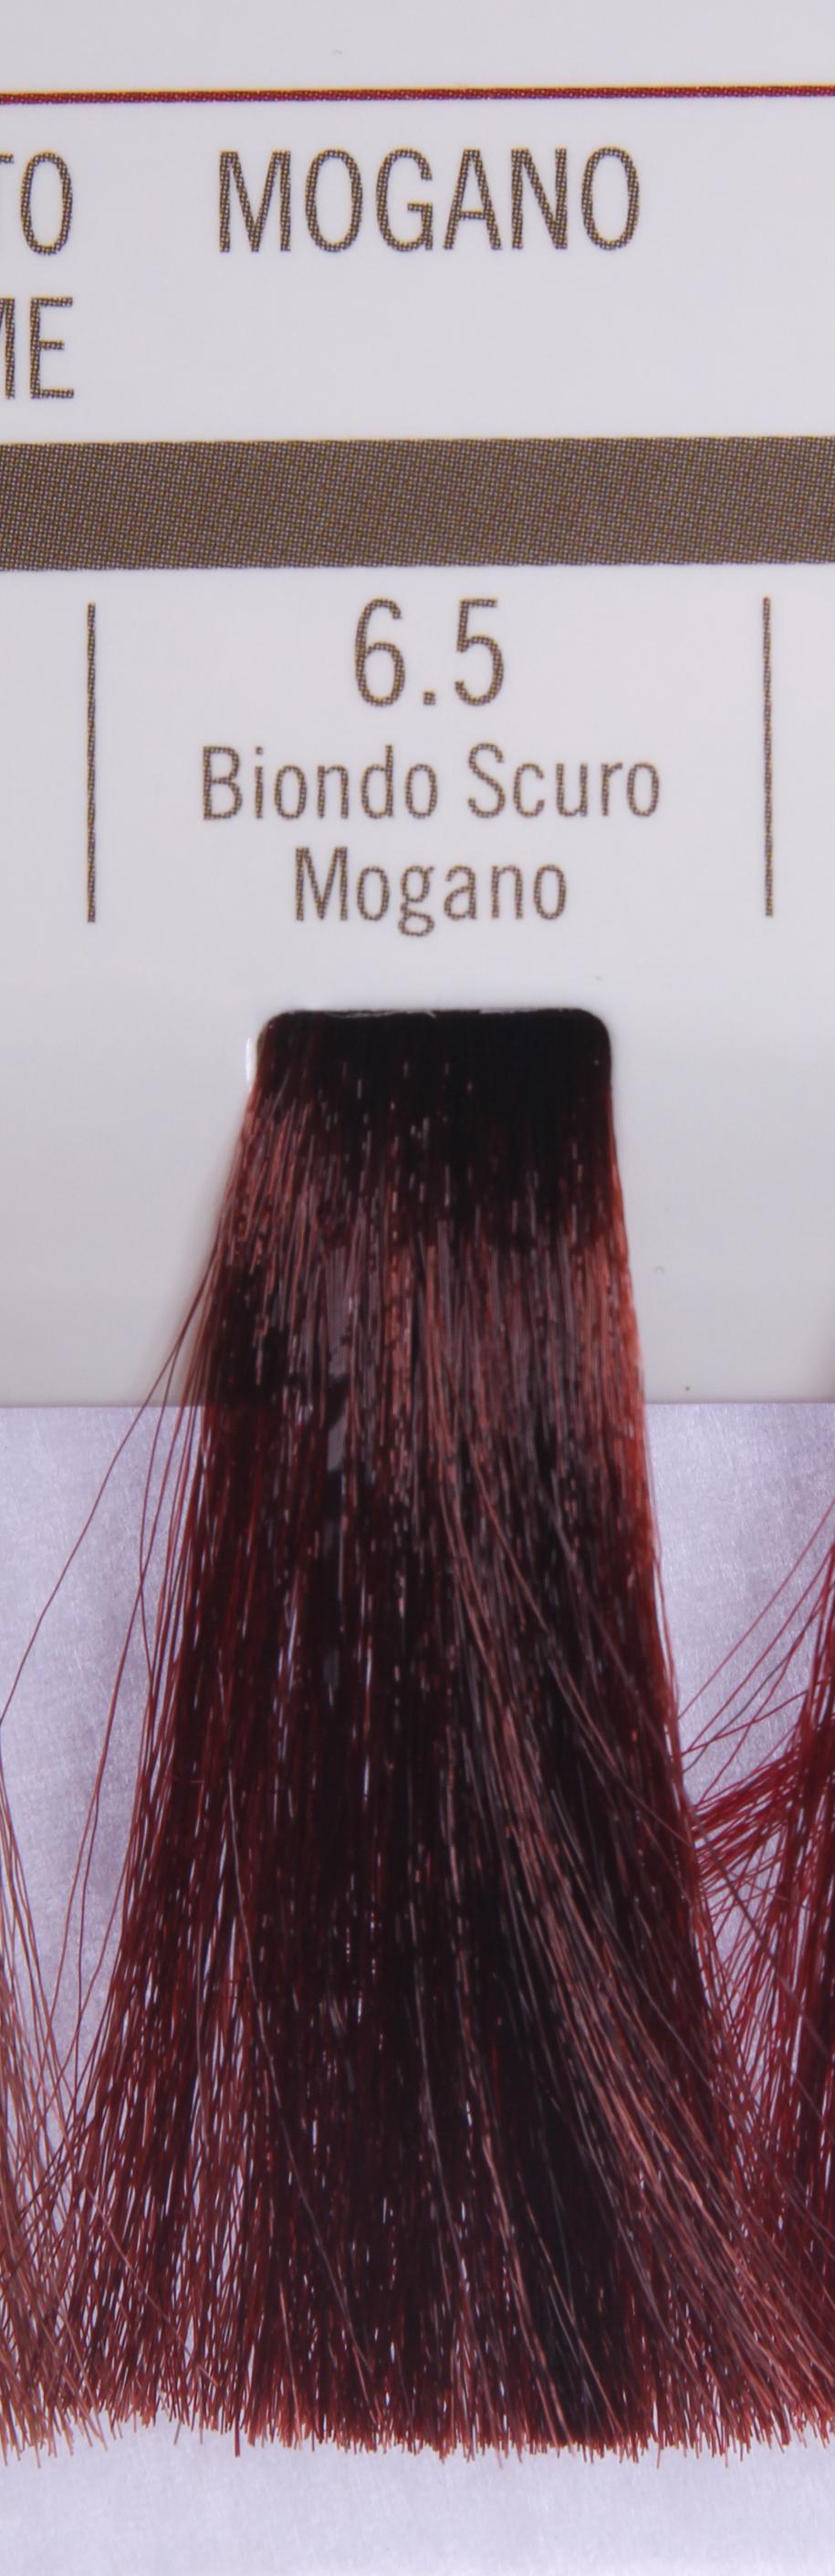 BAREX 6.5 краска для волос / PERMESSE 100млКраски<br>Оттенок: Темный блондин махагоновый. Профессиональная крем-краска Permesse отличается низким содержанием аммиака - от 1 до 1,5%. Обеспечивает блестящий и натуральный косметический цвет, 100% покрытие седых волос, идеальное осветление, стойкость и насыщенность цвета до следующего окрашивания. Комплекс сертифицированных органических пептидов M4, входящих в состав, действует с момента нанесения, увлажняя волосы, придавая им прочность и защиту. Пептиды избирательно оседают в самых поврежденных участках волоса, восстанавливая и защищая их. Масло карите оказывает смягчающее и успокаивающее действие. Комплекс пептидов и масло карите стимулируют проникновение пигментов вглубь структуры волоса, придавая им здоровый вид, блеск и долговечность косметическому цвету. Активные ингредиенты:&amp;nbsp;Сертифицированные органические пептиды М4 - пептиды овса, бразильского ореха, сои и пшеницы, объединенные в полифункциональный комплекс, придающий прочность окрашенным волосам, увлажняющий и защищающий их. Сертифицированное органическое масло карите (масло ши) - богато жирными кислотами, экстрагируется из ореха африканского дерева карите. Оказывает смягчающий и целебный эффект на кожу и волосы, широко применяется в косметической индустрии. Масло карите защищает волосы от неблагоприятного воздействия внешней среды, интенсивно увлажняет кожу и волосы, т.к. обладает высокой степенью абсорбции, не забивает поры. Способ применения:&amp;nbsp;Крем-краска готовится в смеси с Молочком-оксигентом Permesse 10/20/30/40 объемов в соотношении 1:1 (например, 50 мл крем-краски + 50 мл молочка-оксигента). Молочко-оксигент работает в сочетании с крем-краской и гарантирует идеальное проявление краски. Тюбик крем-краски Permesse содержит 100 мл продукта, количество, достаточное для 2 полных нанесений. Всегда надевайте подходящие специальные перчатки перед подготовкой и нанесением краски. Подготавливайте смесь крем-краски и молочка-оксигента Permesse в н